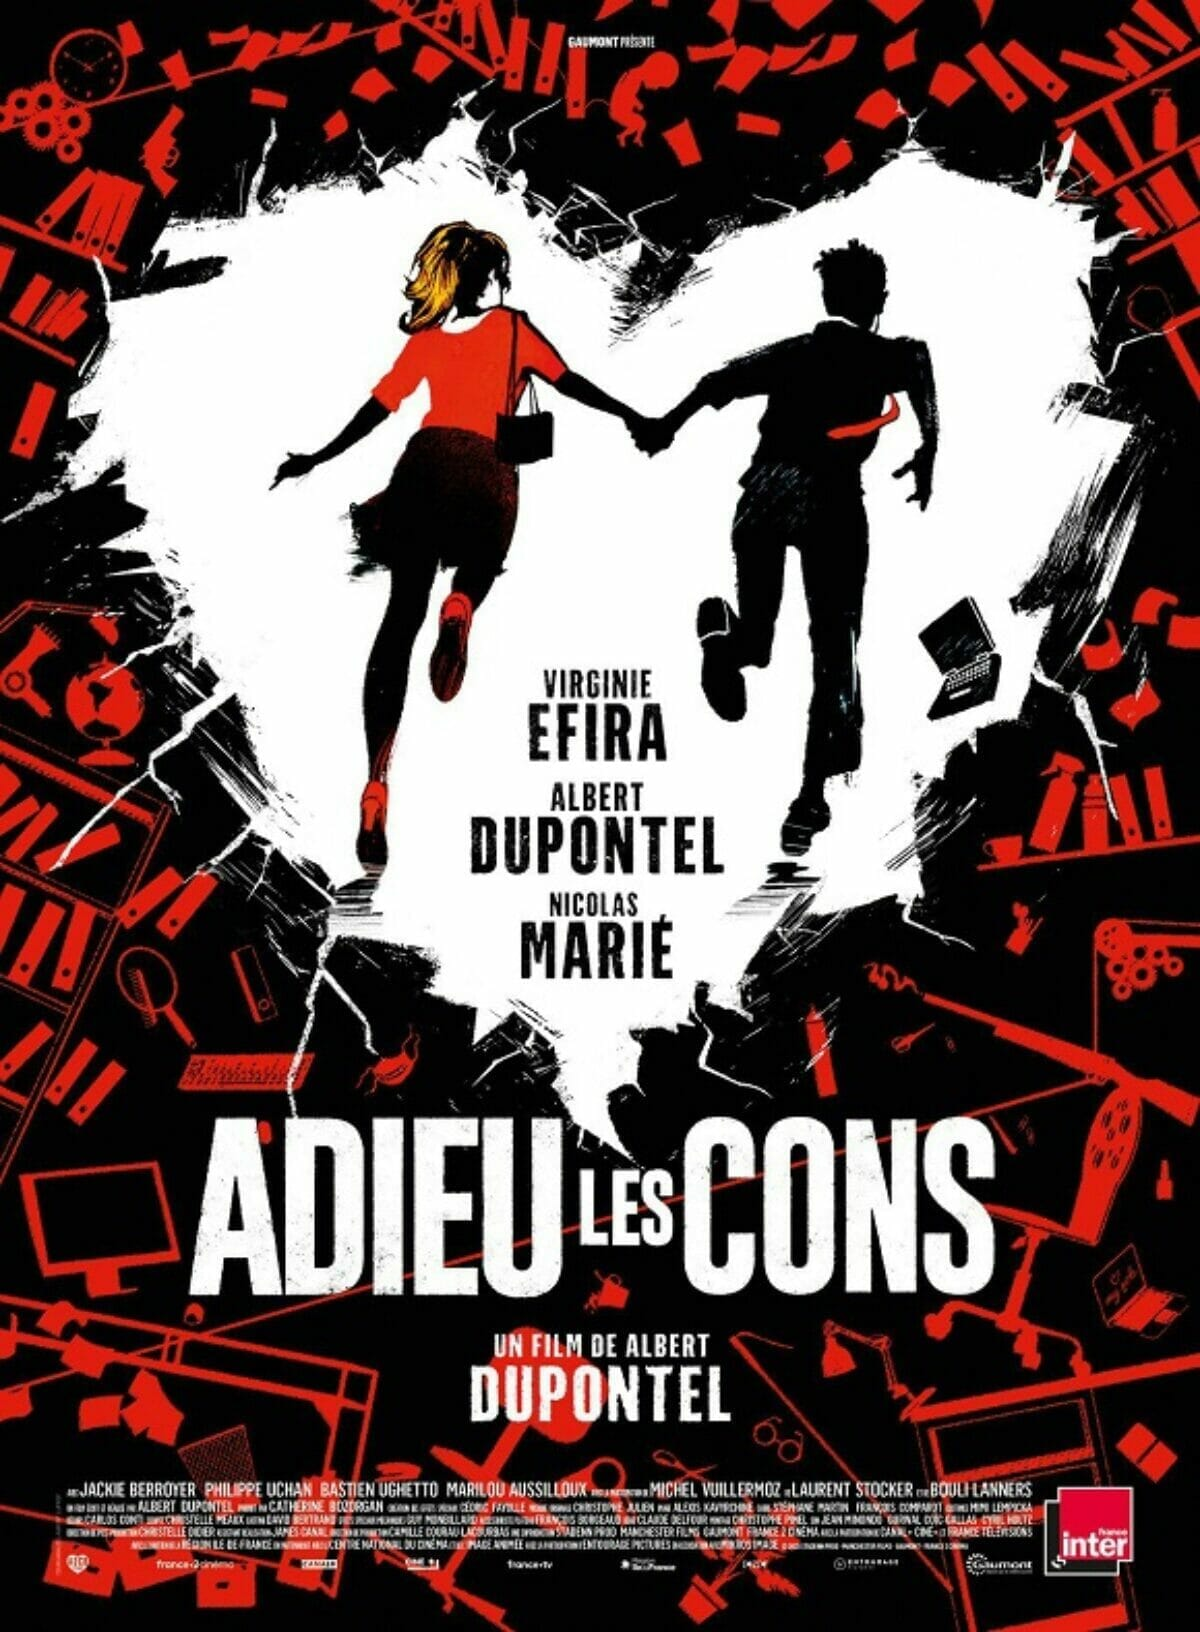 Adieu_les_cons-poster